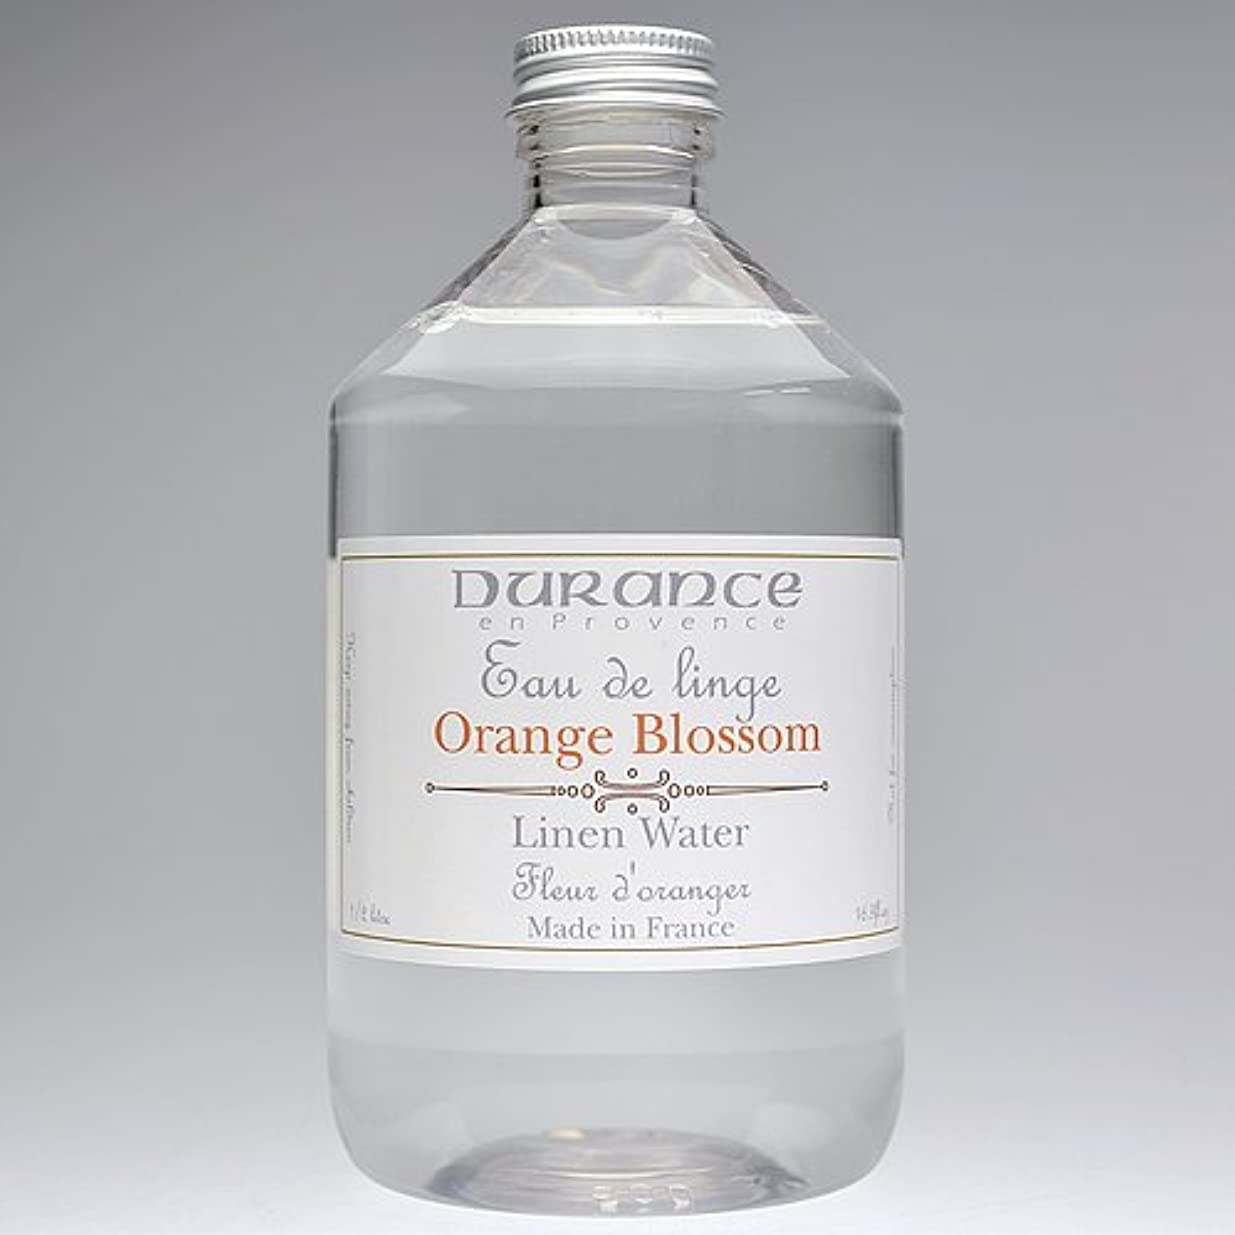 ルネッサンスローン発表DURANCE(デュランス) リネンケアシリーズ リネンウォーター 500ml 「フラワーオレンジ」 4994228008619